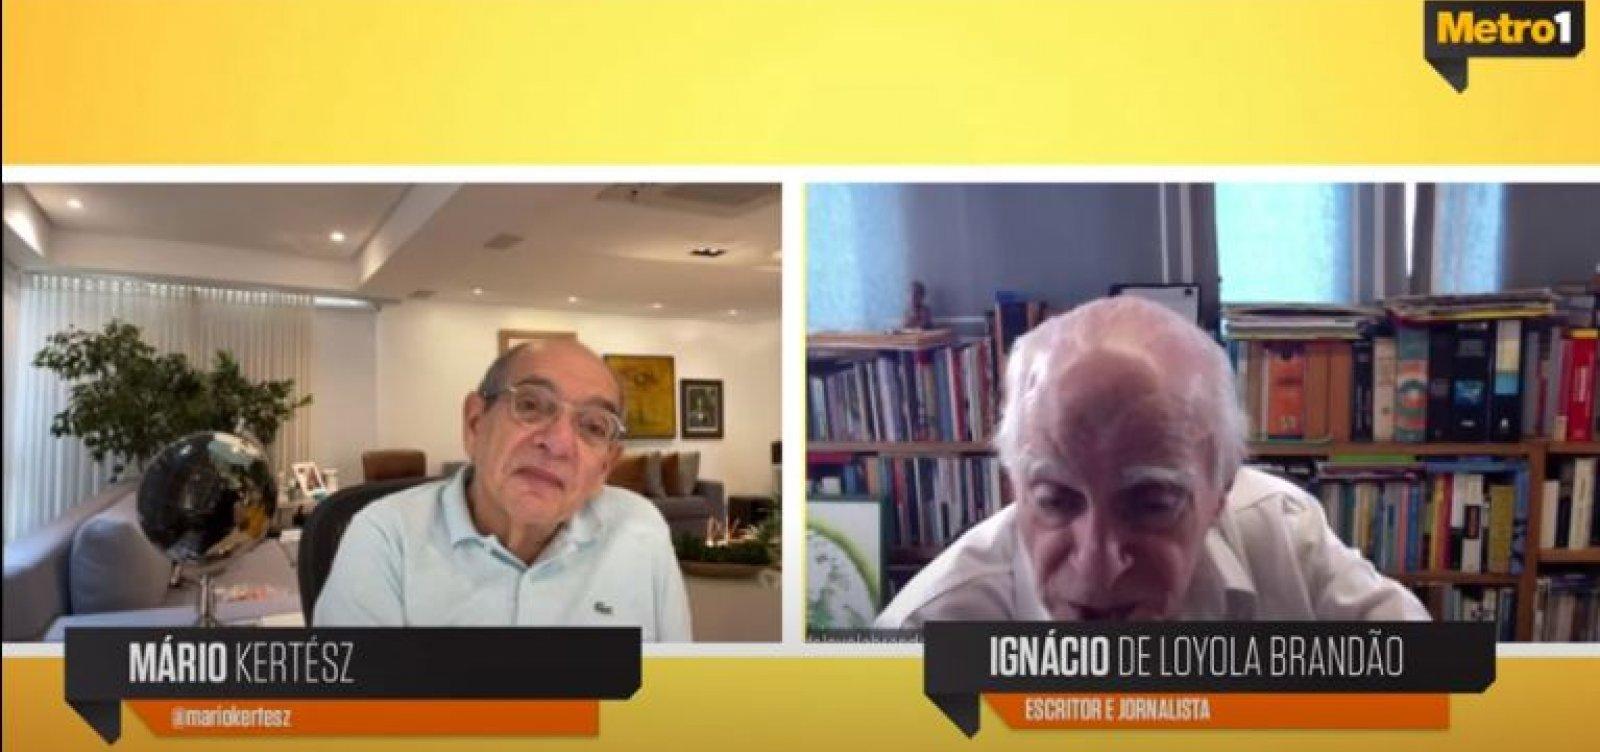 [Ignácio de Loyola Brandão critica governo Bolsonaro por 'abandono total da população']